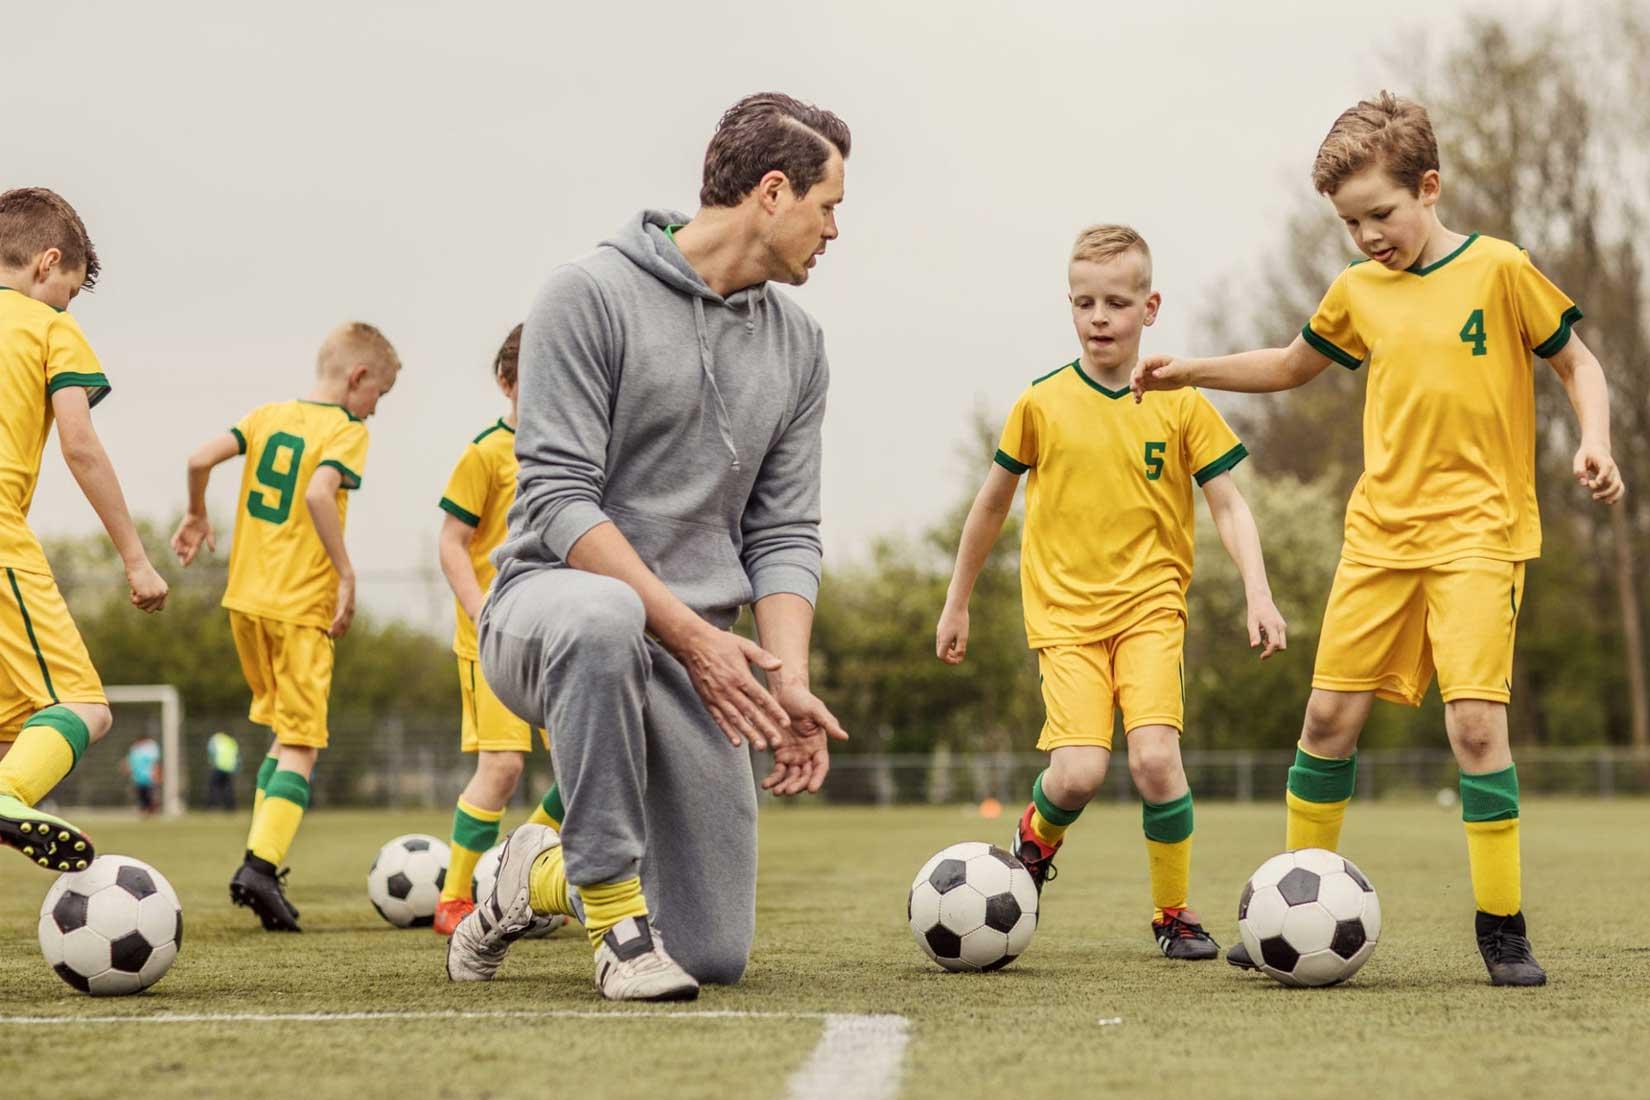 """Formuła """"7+2"""" aby być lepszym trenerem lub/i bardziej świadomym rodzicem"""